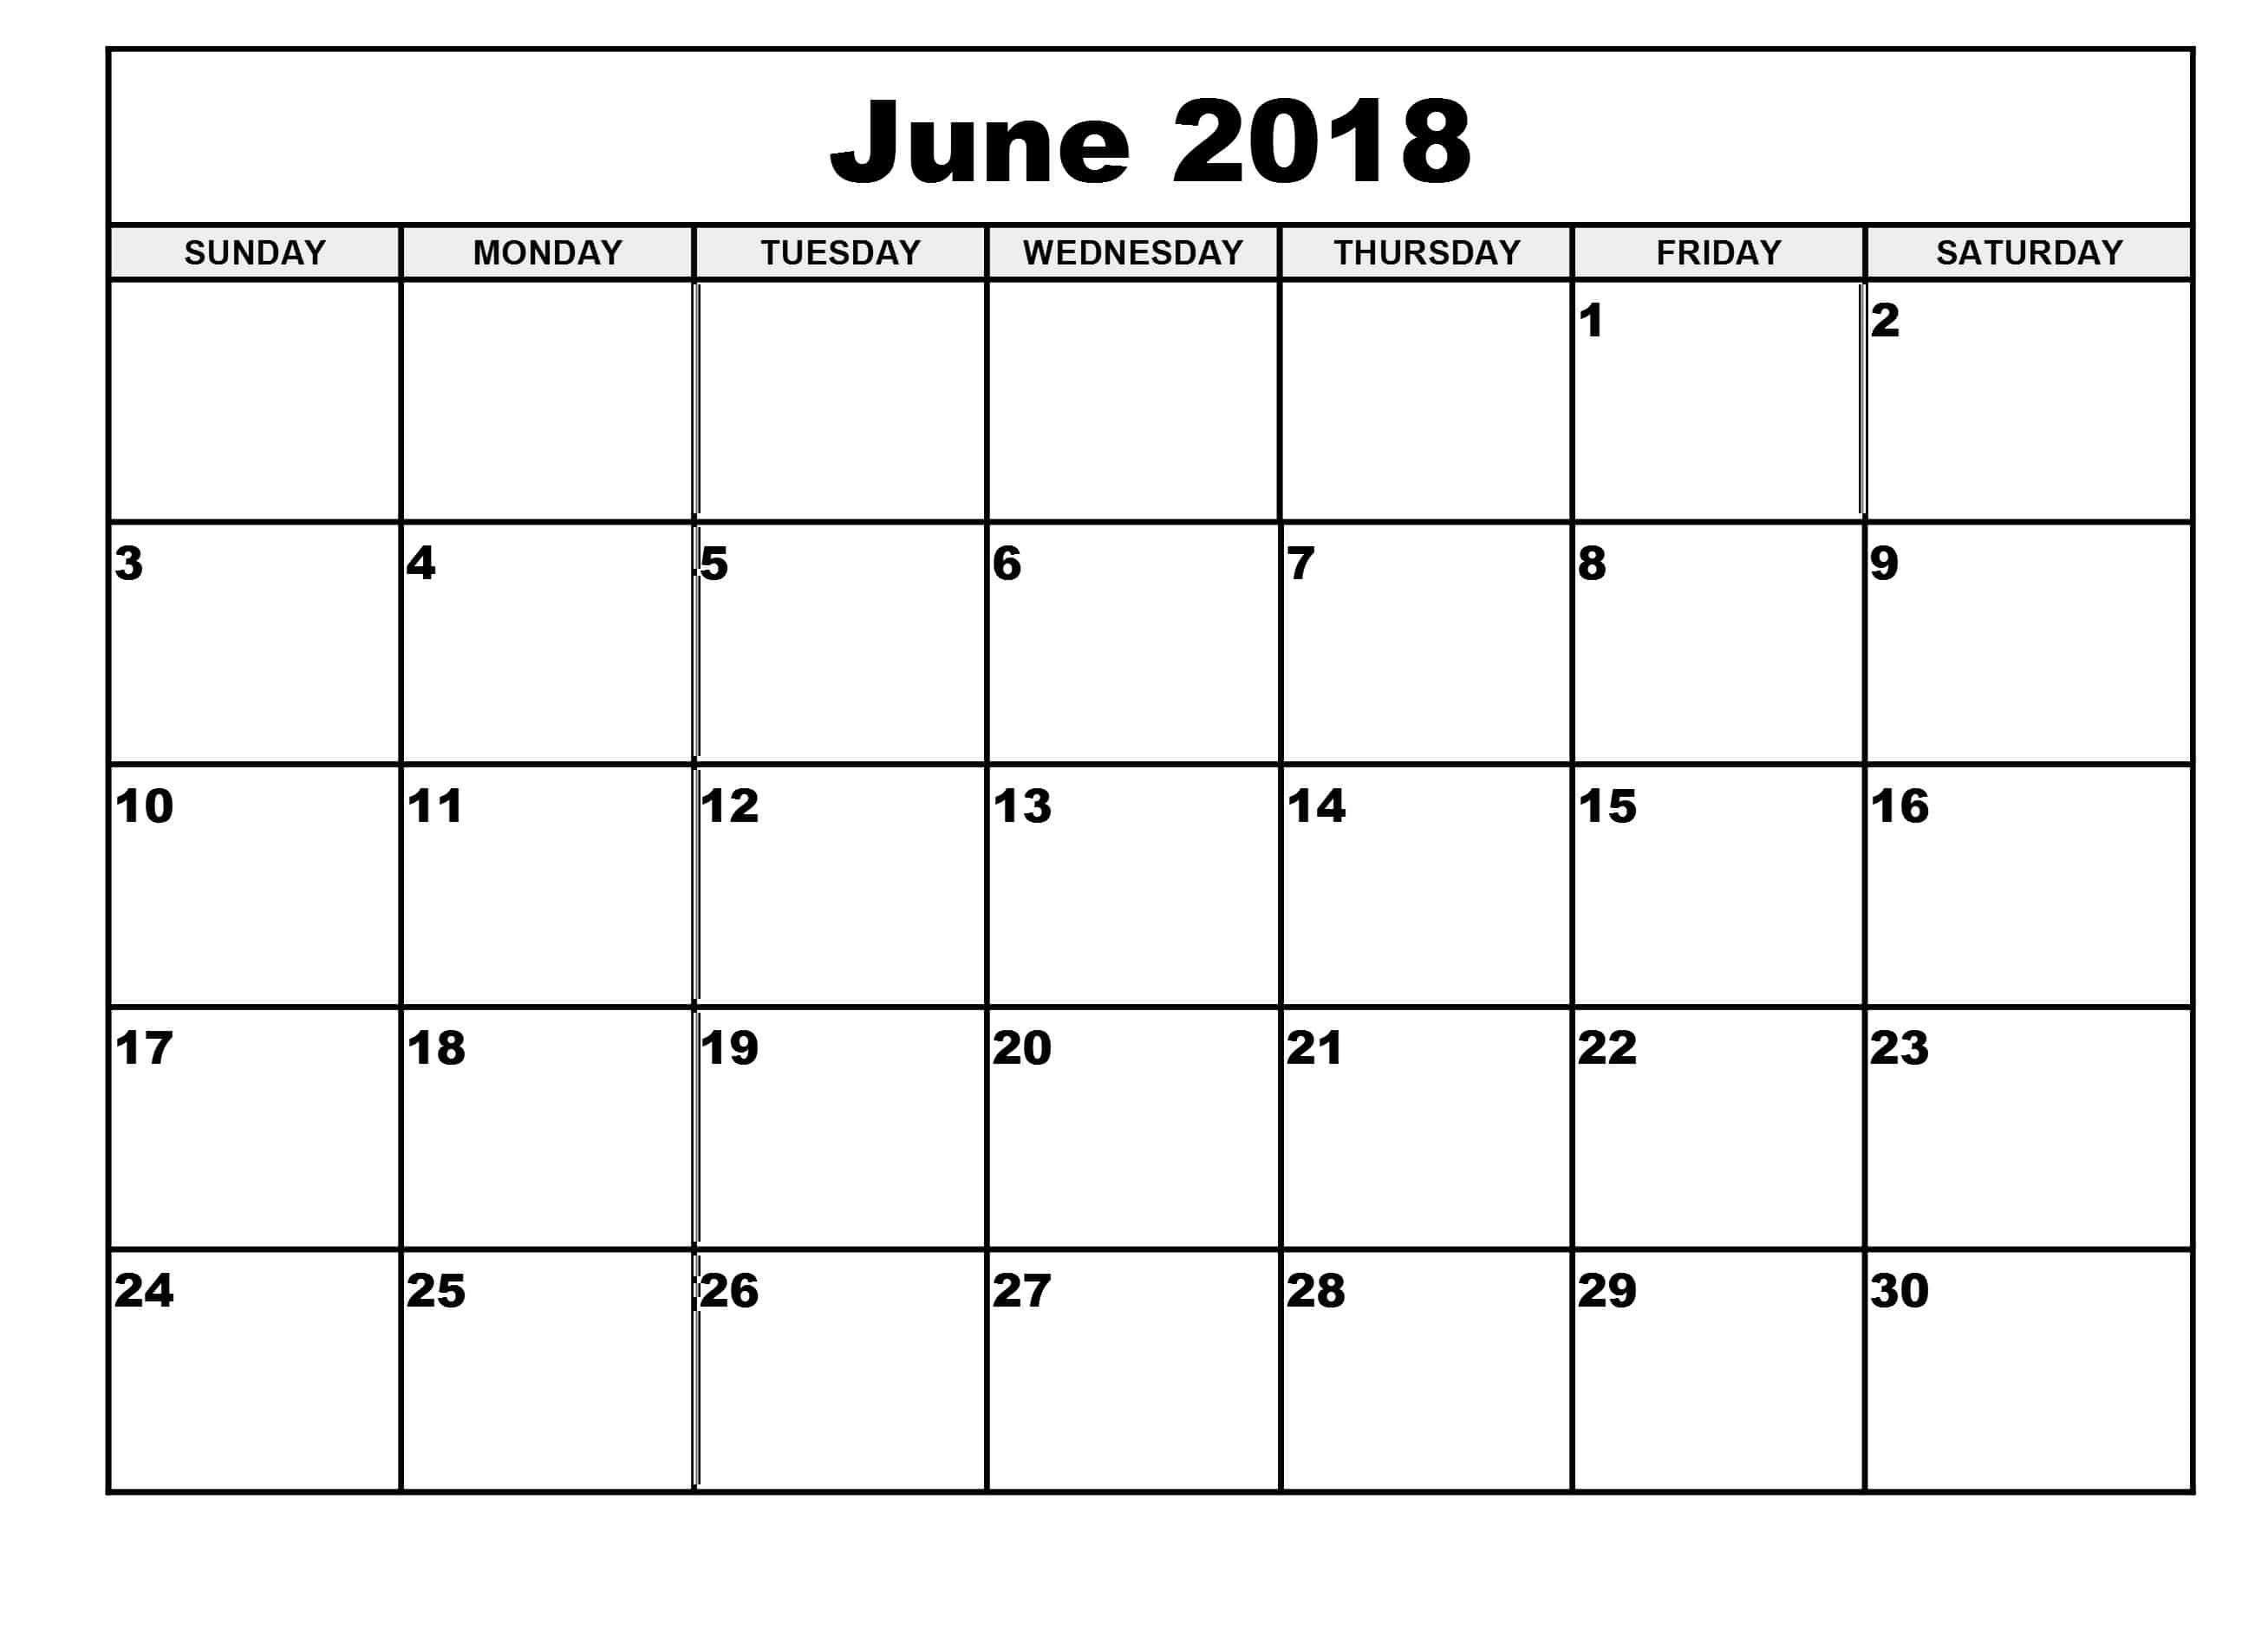 June 2018 Calendar Printable